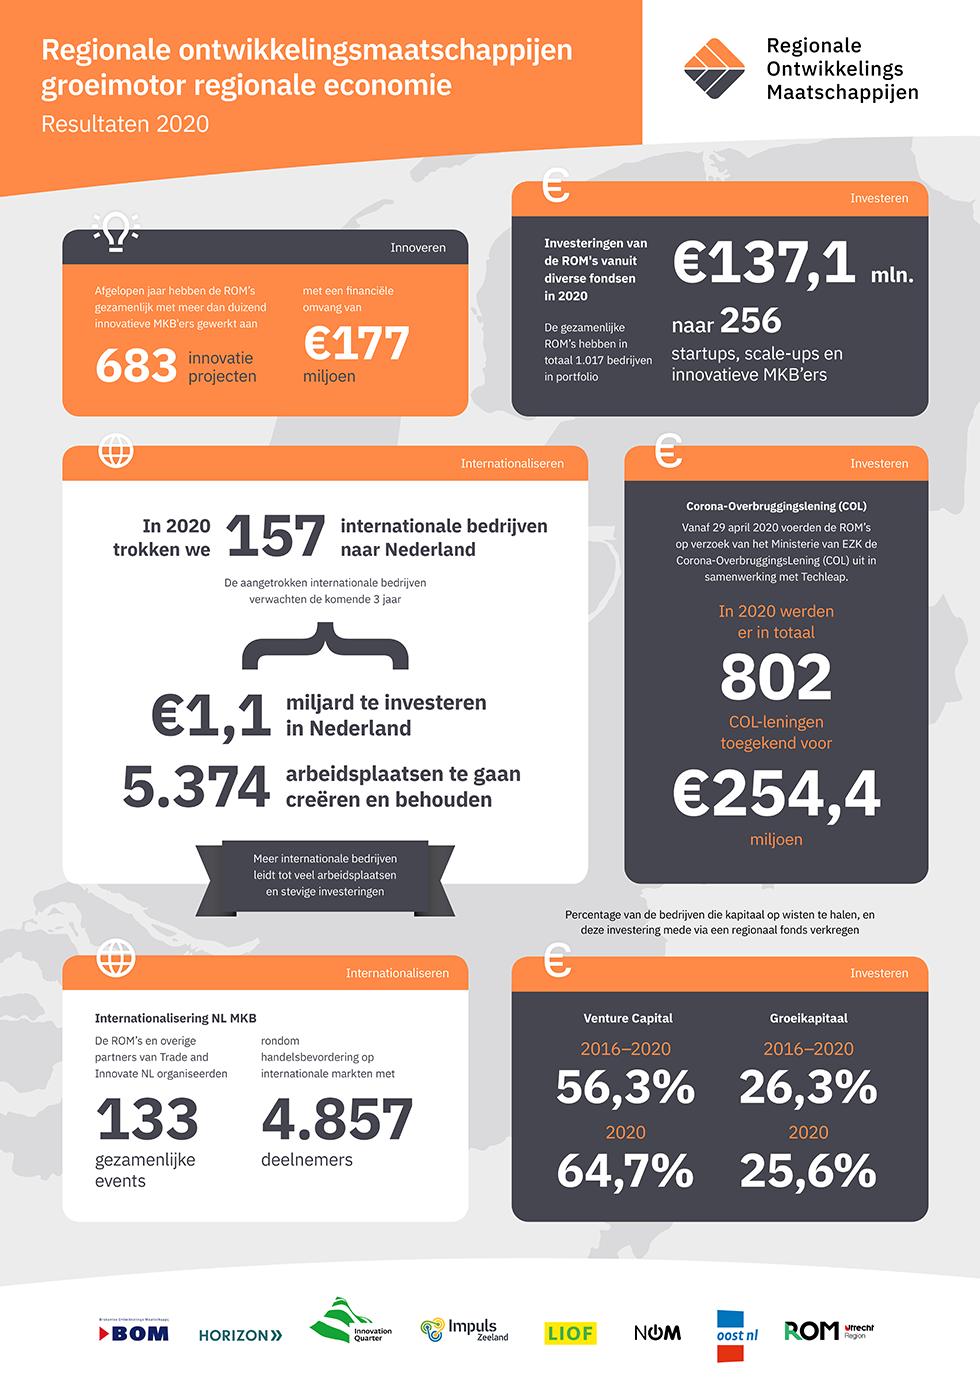 Resultaten Regionale Ontwikkelingsmaatschappijen Nederland 2020